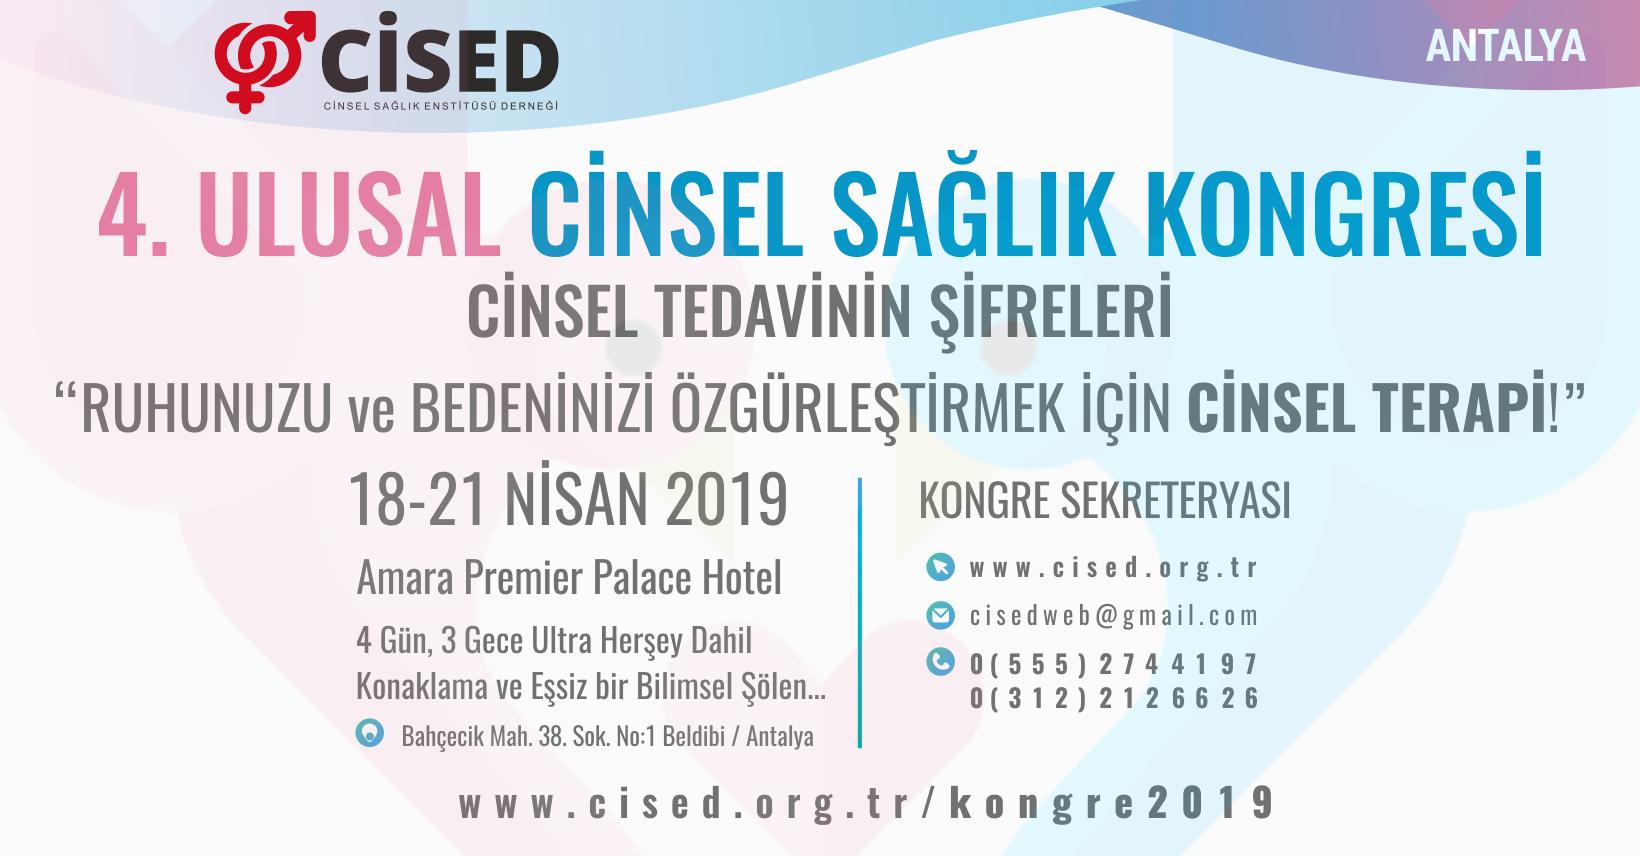 CİSED 4. Ulusal Cinsel Sağlık Kongresi